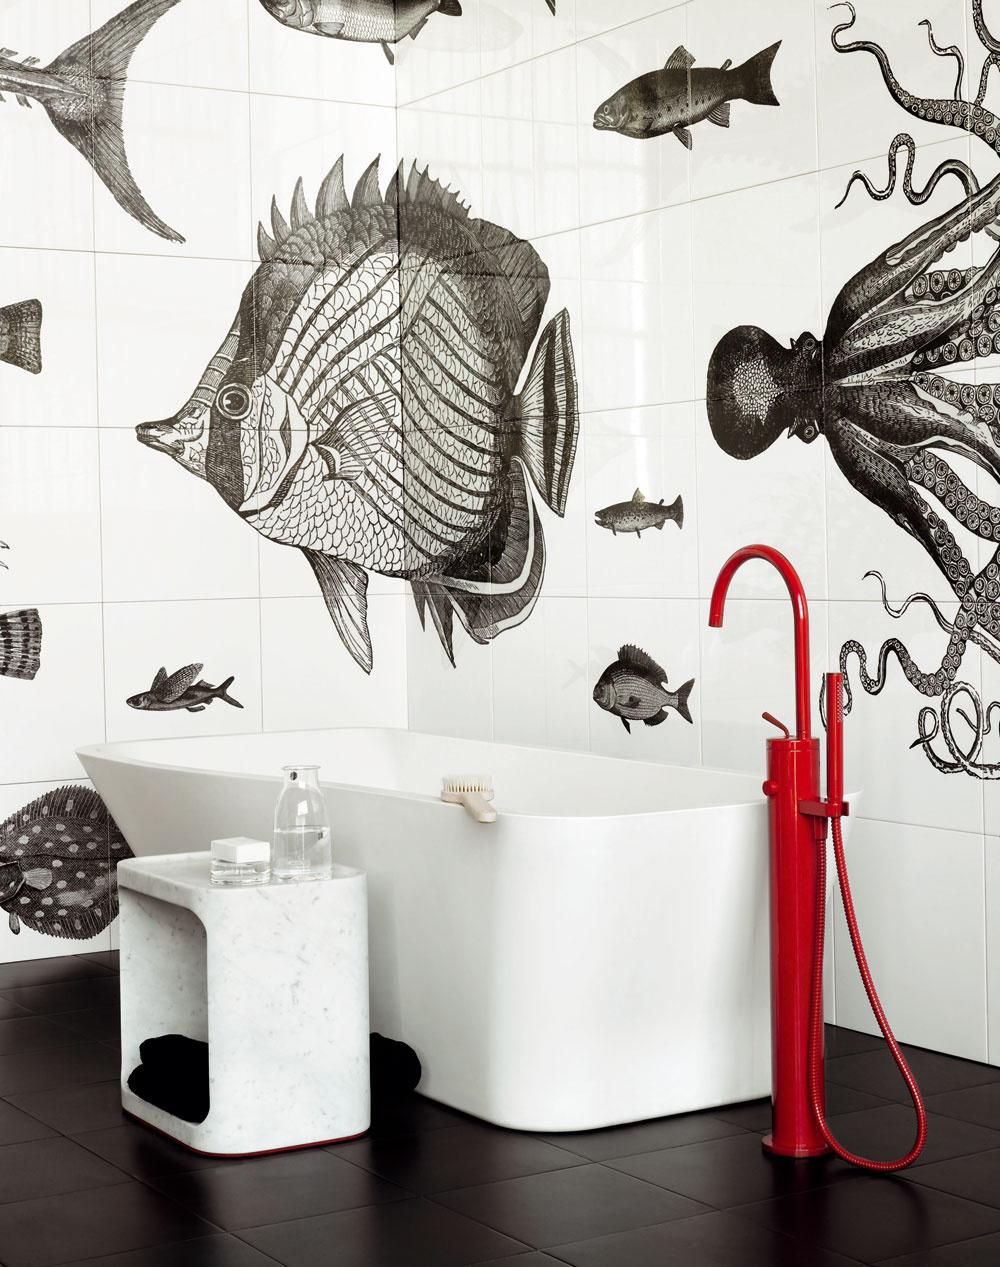 Inšpirácia pre morských bádateľov. Kreatívny keramický obklad sfascinujúcim podmorským svetom, no nie až taký detský. Ak nechcete investovať do detskej kúpeľne veľa peňazí, ale plánujete vytvoriť atraktívne prostredie, môžete si pomôcť aj nálepkami.